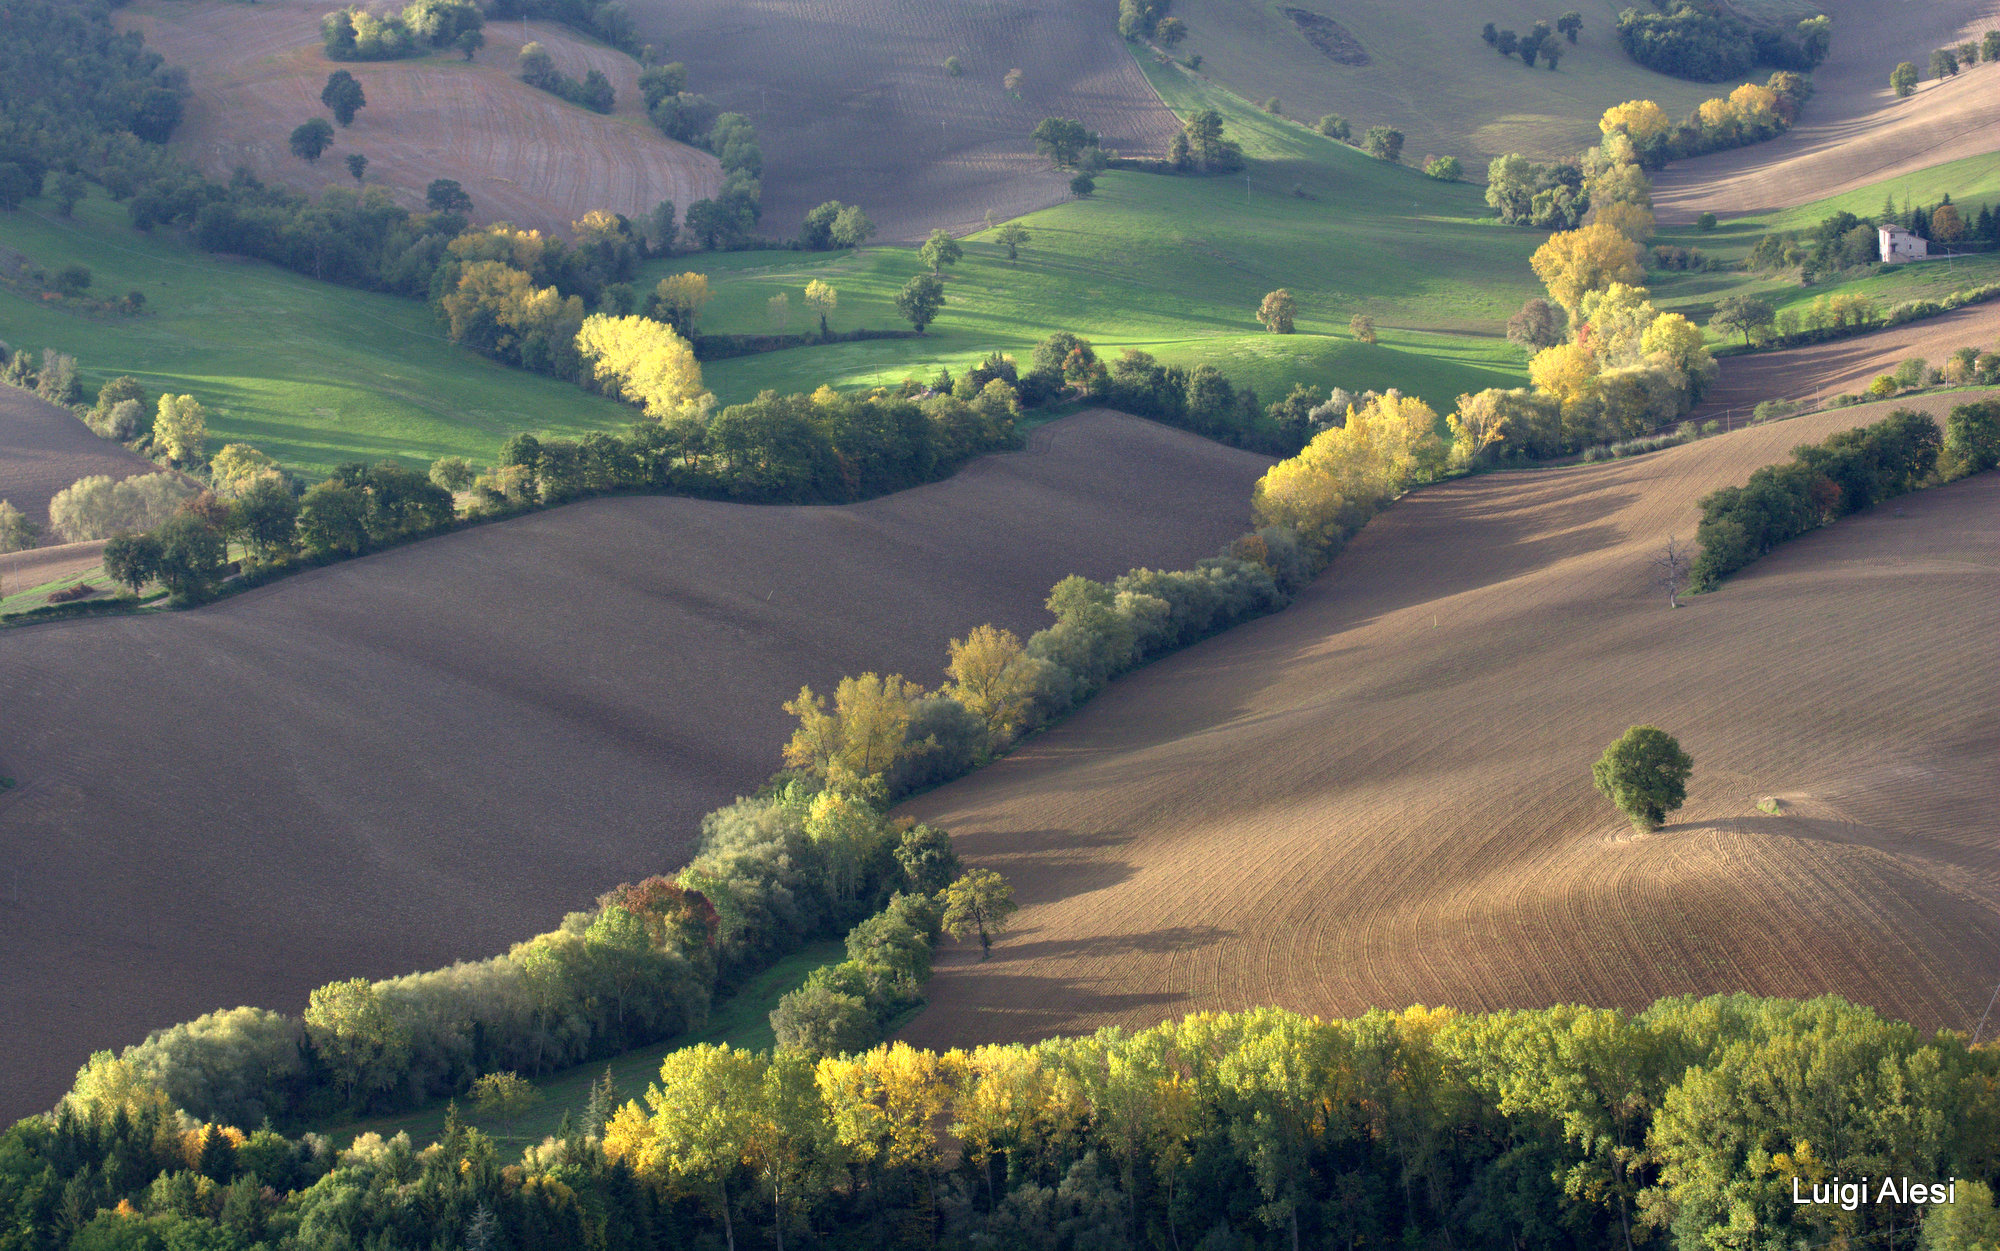 Camerino Countryside, Italy